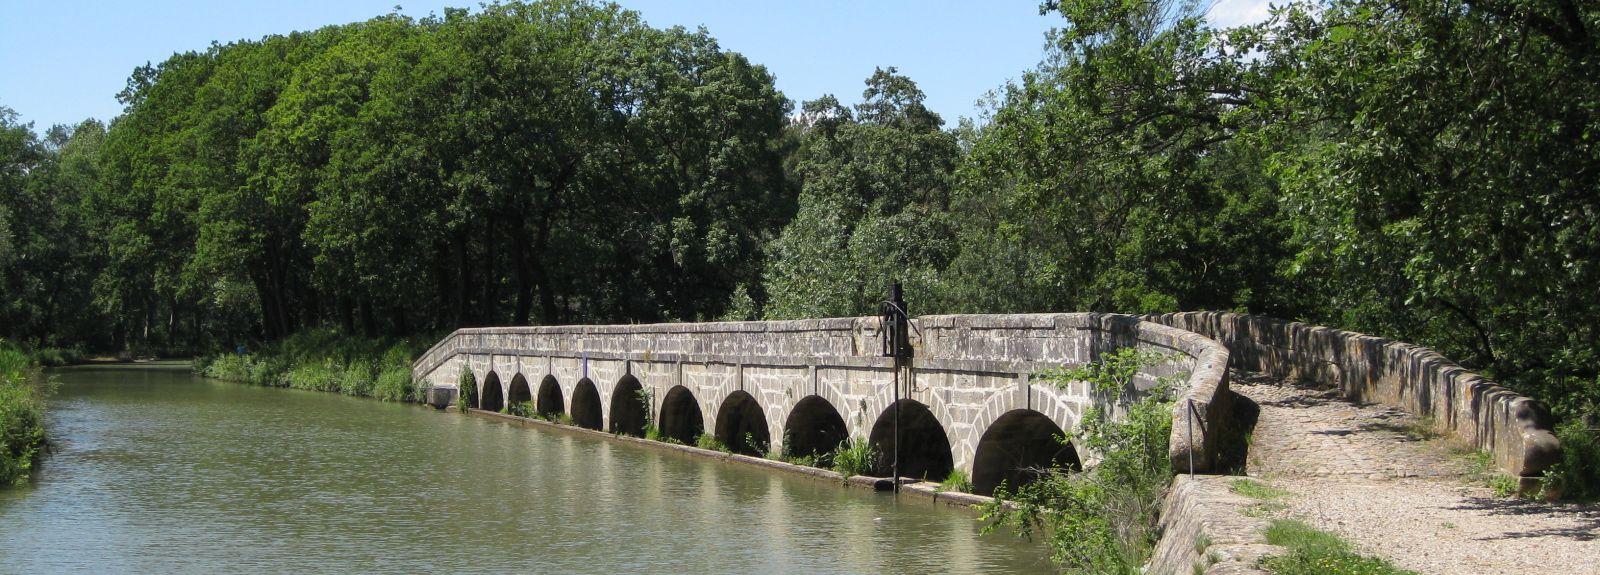 Ventenac-Cabardès, Aude (département), France